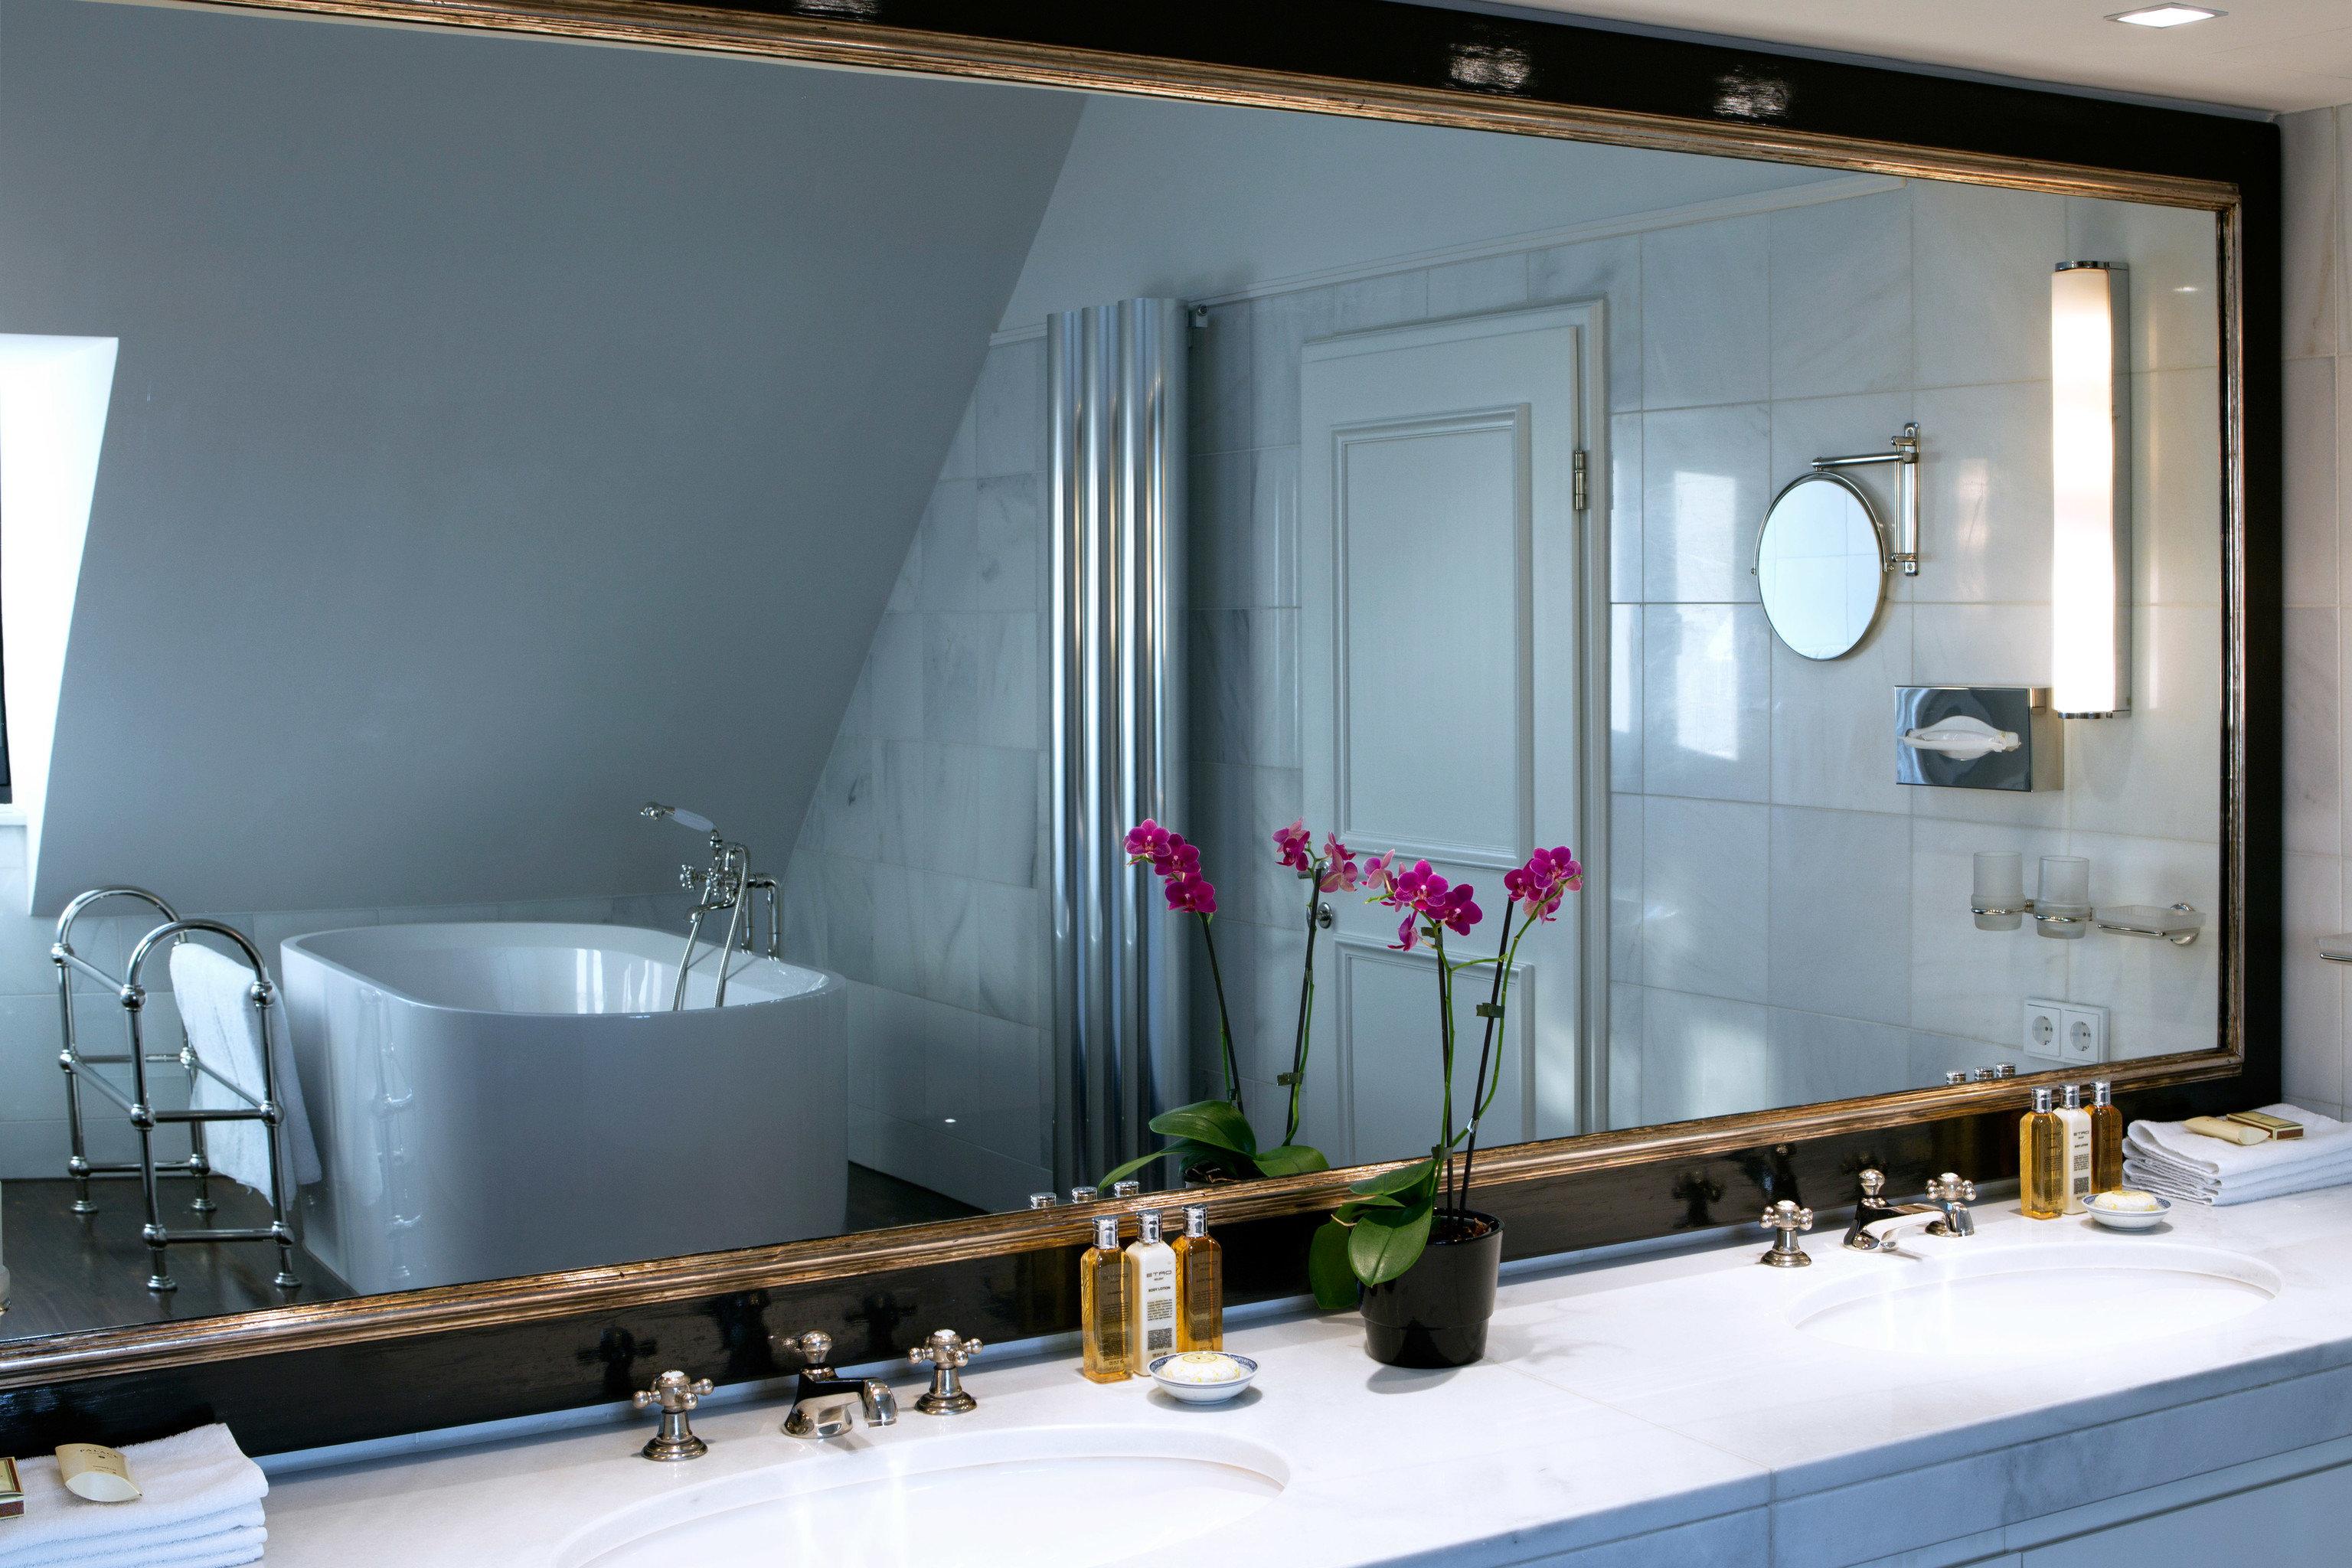 bathroom sink counter bathtub home plumbing fixture glass big Suite toilet